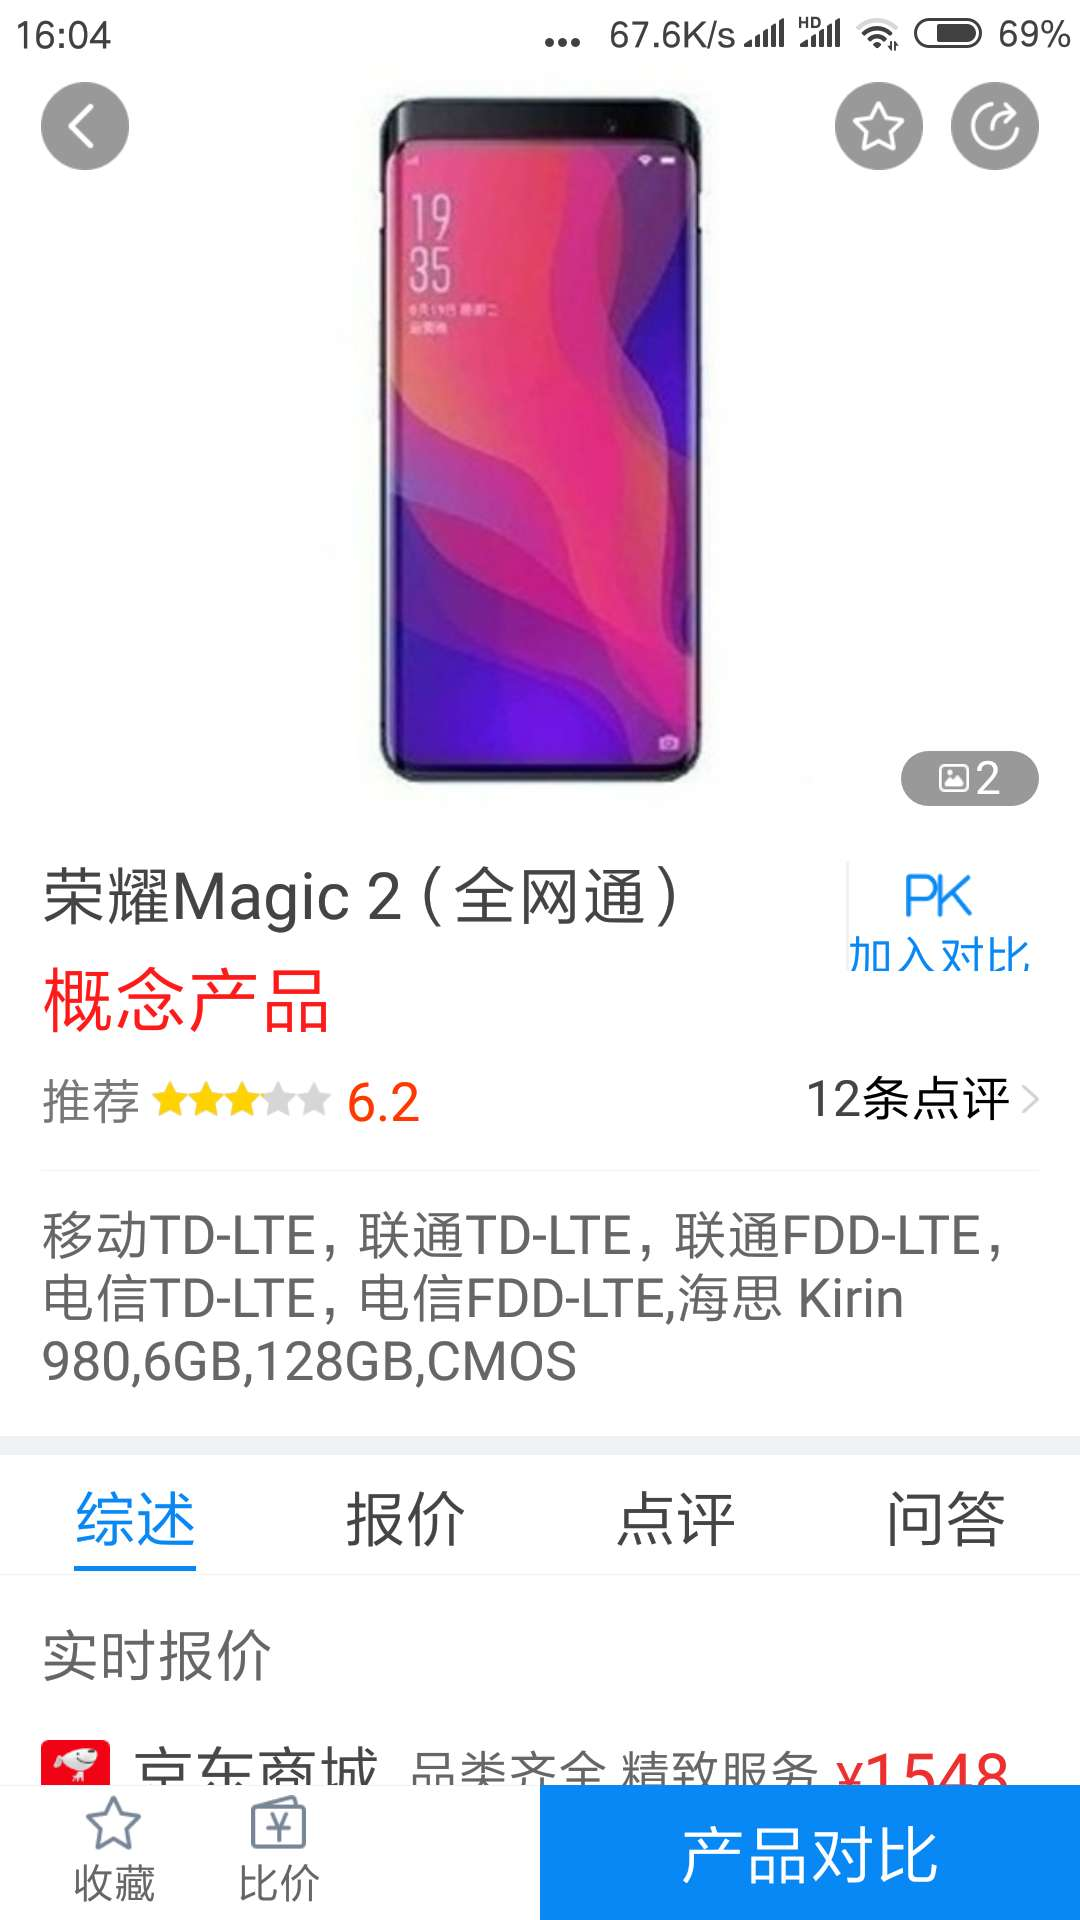 荣耀magic2什么时候发布?荣耀magic2什么时候上市?